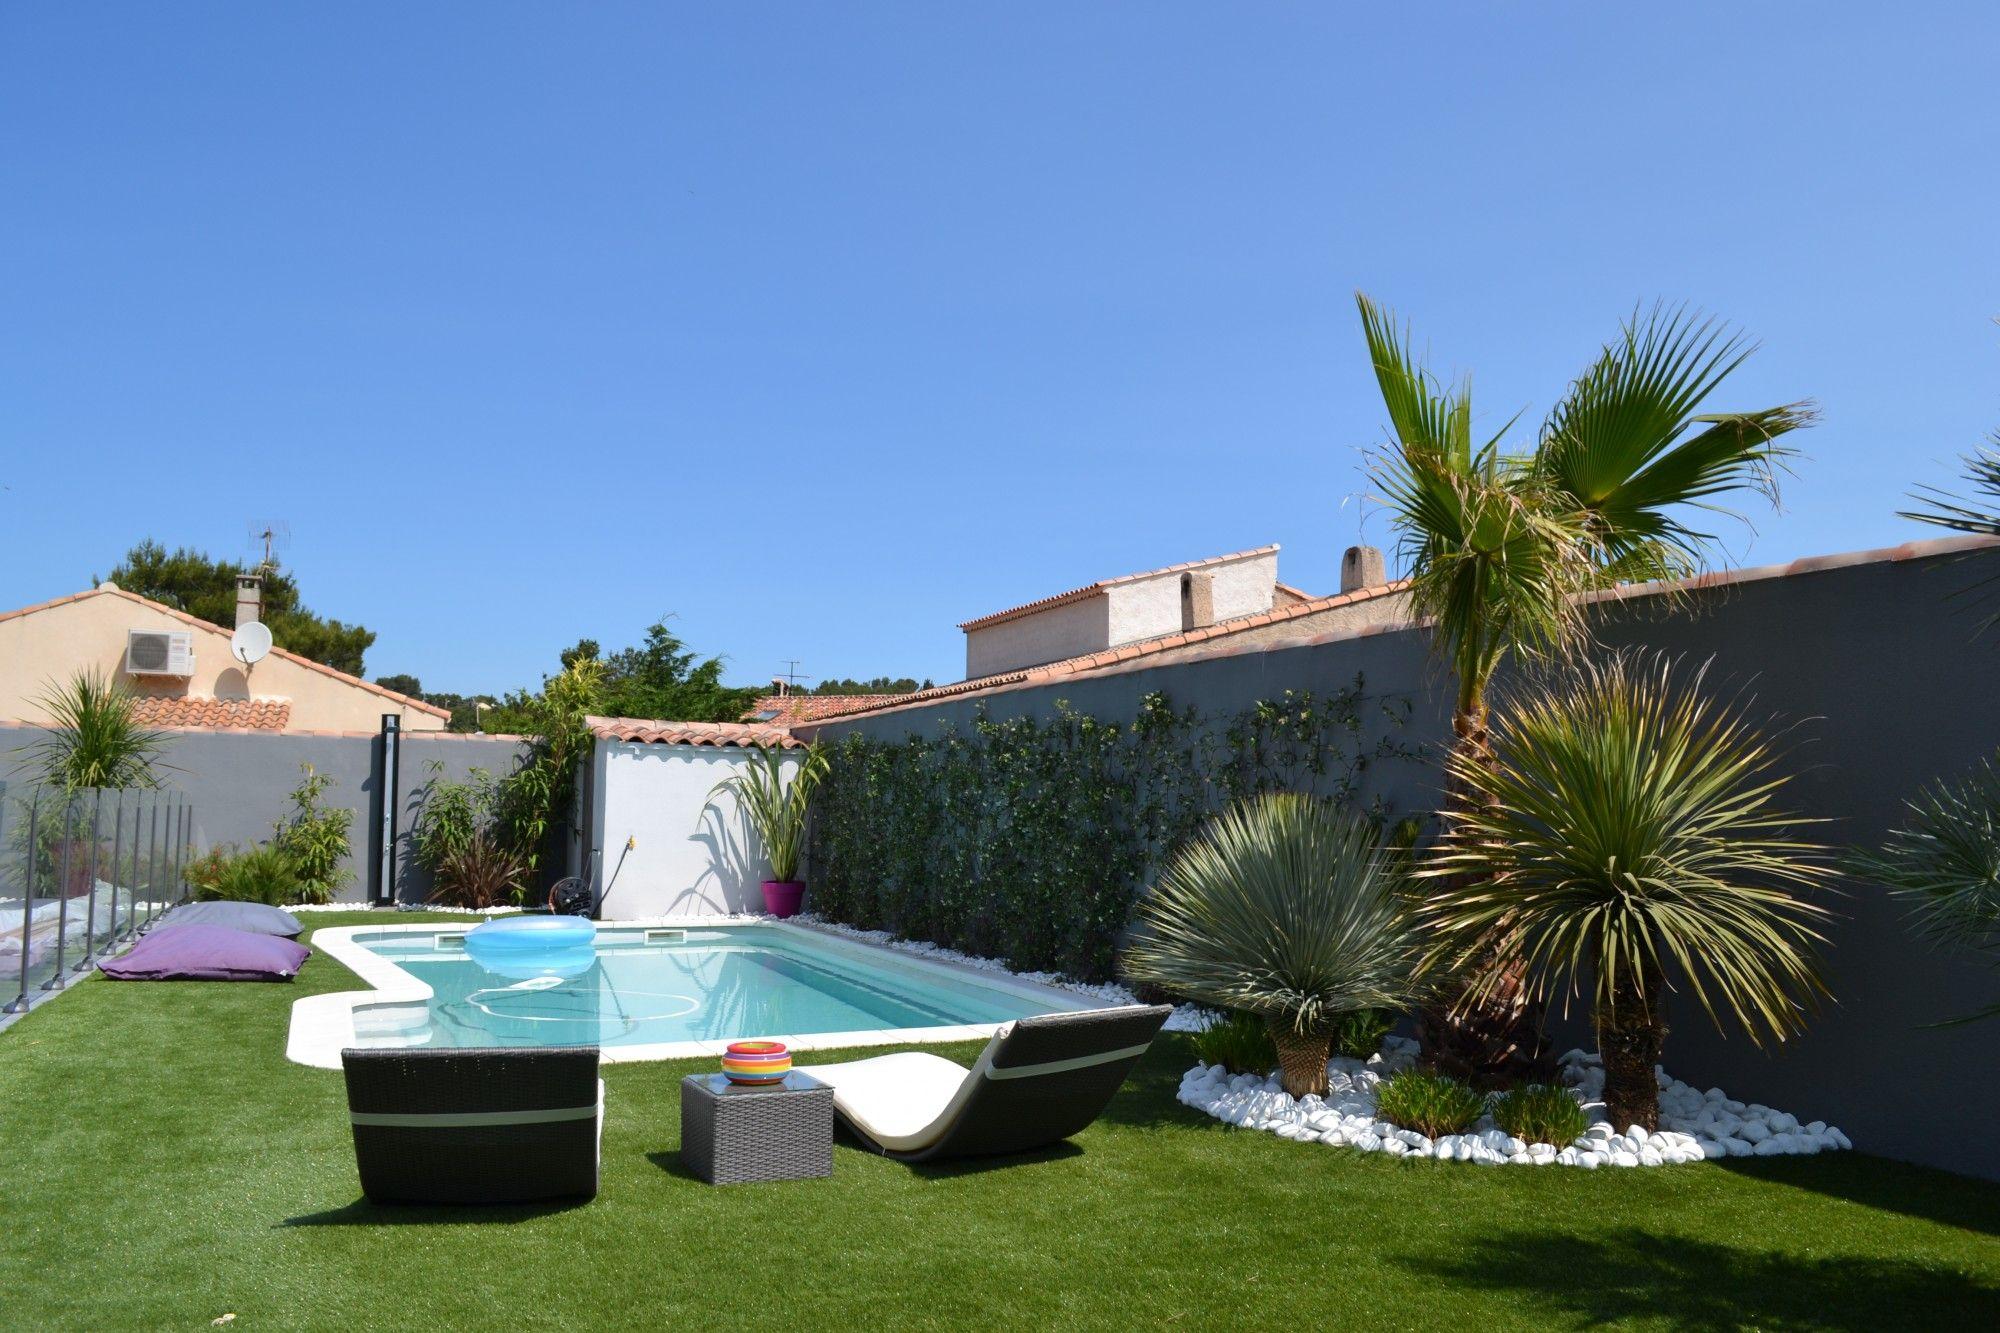 Voici un projet d 39 am nagement d 39 un jardin avec piscine for Jardin facile entretien